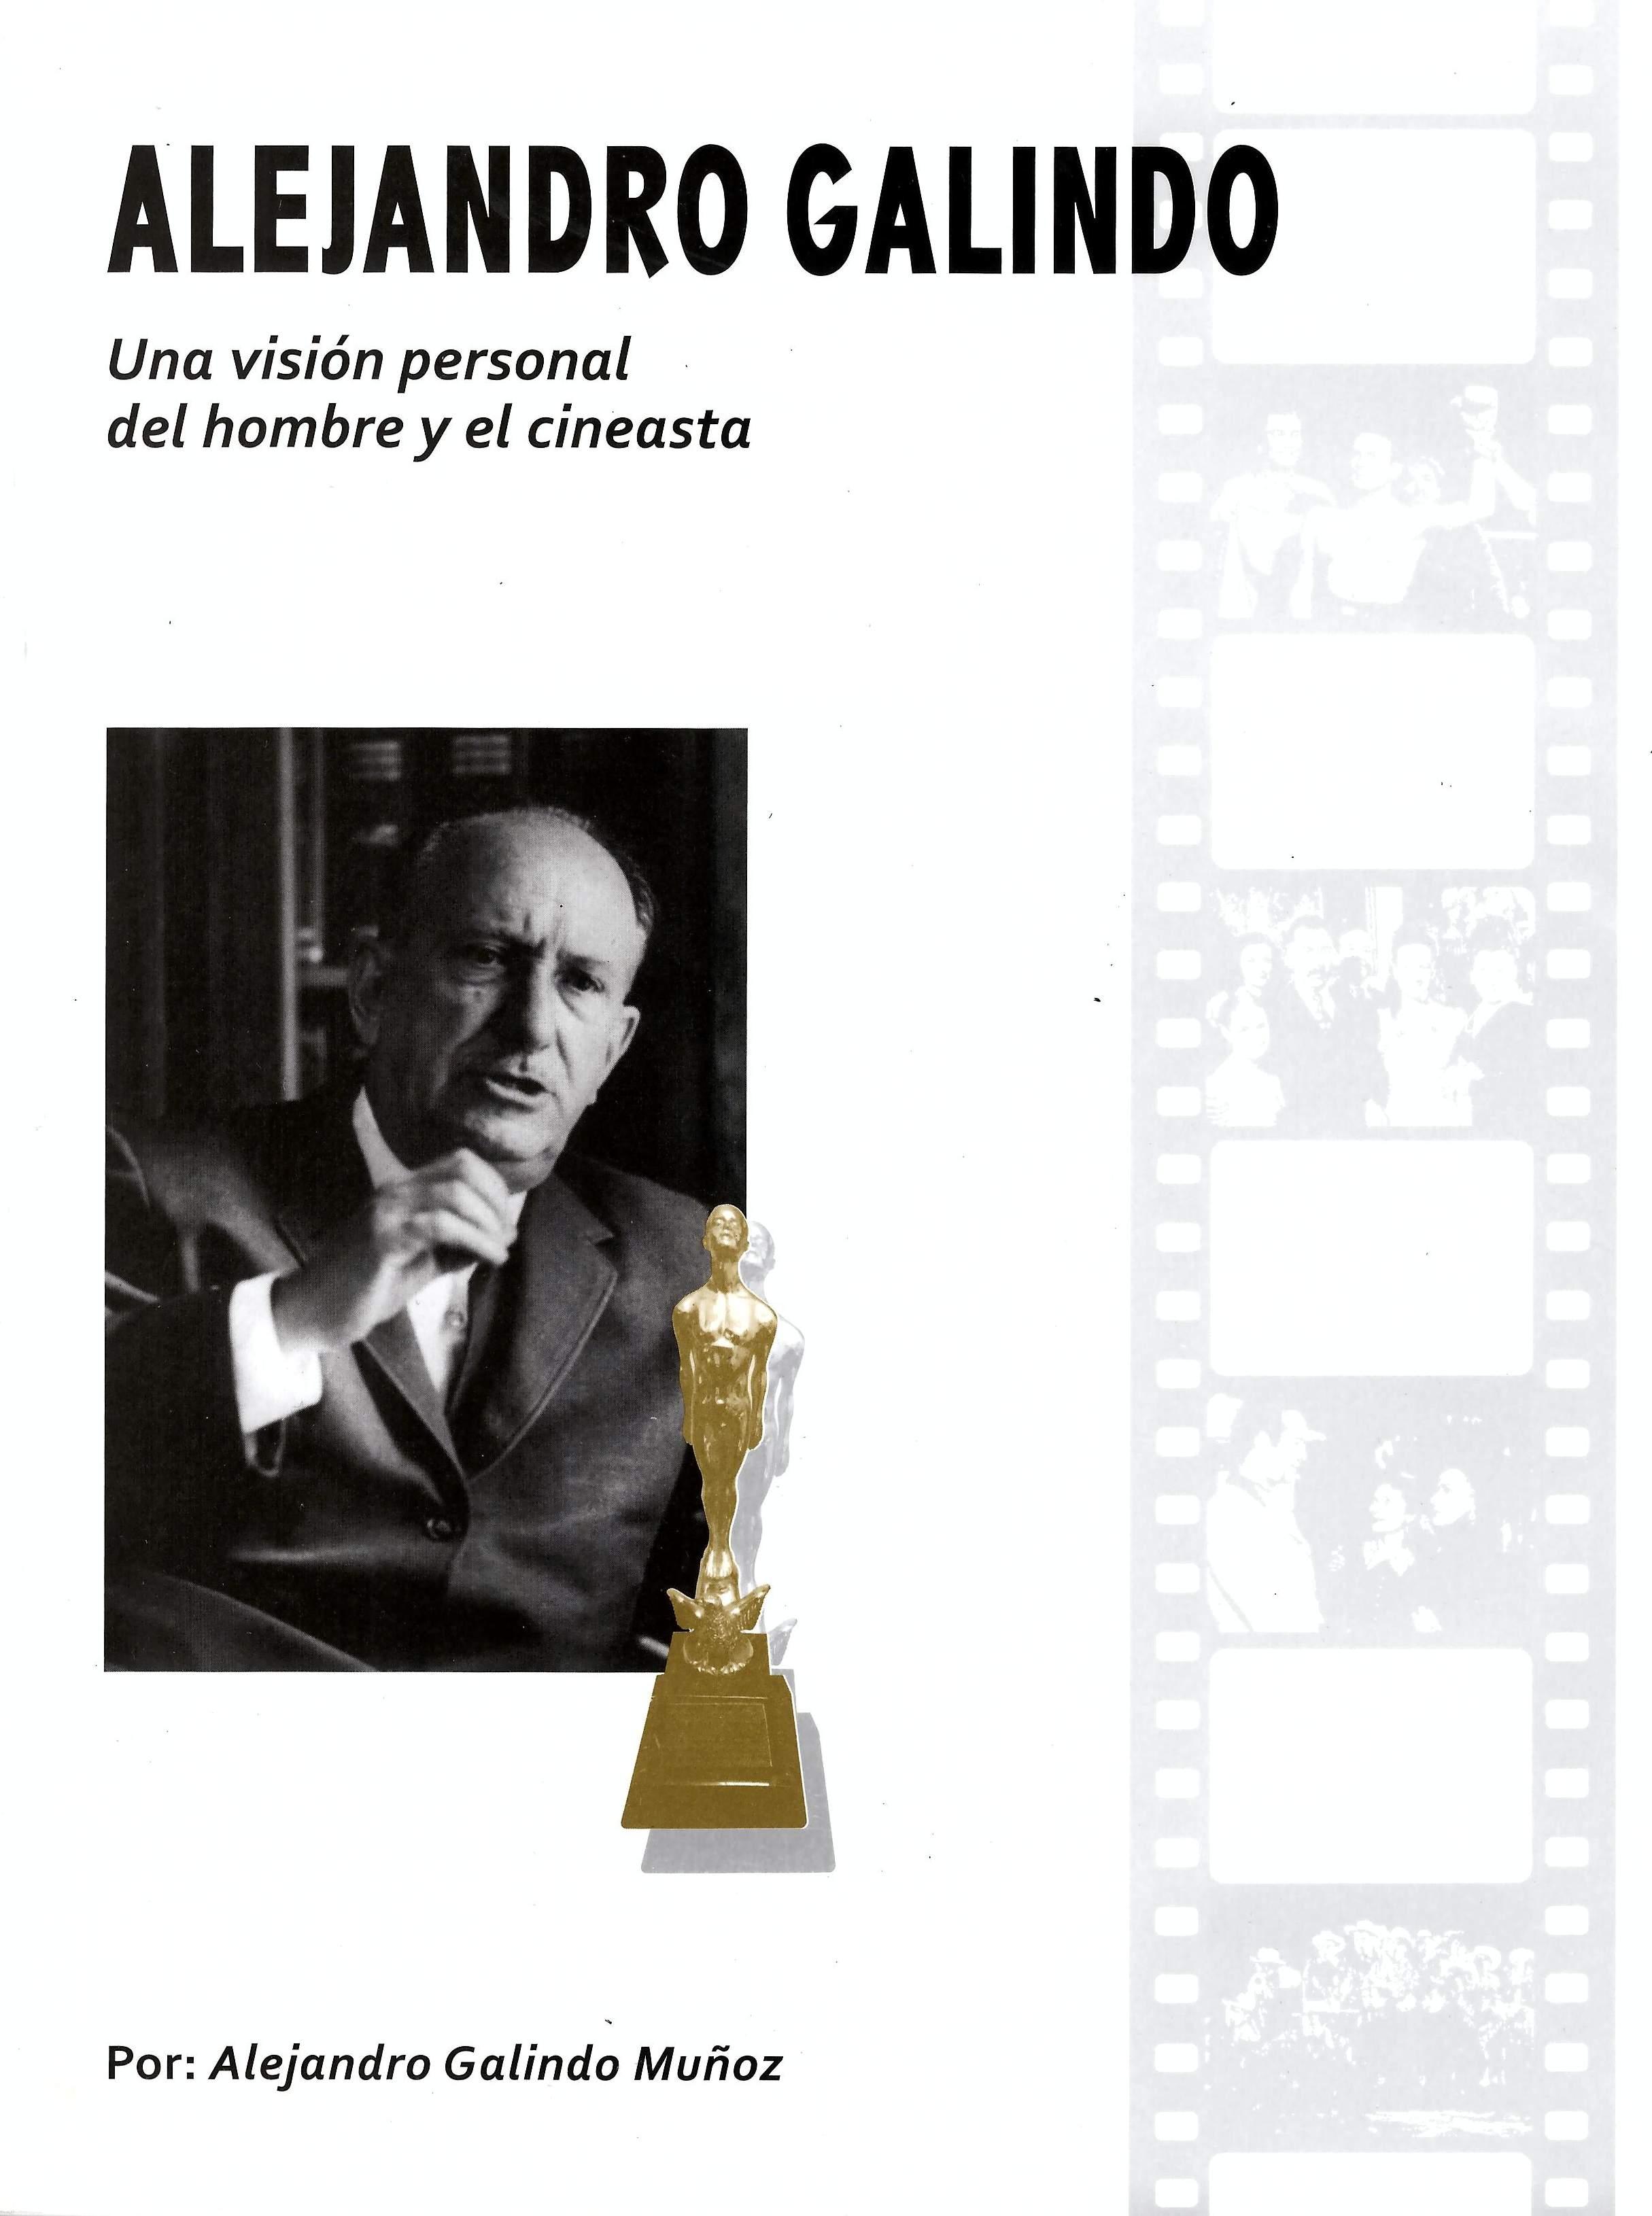 Alejandro Galindo. Una visión personal del hombre y el cineasta